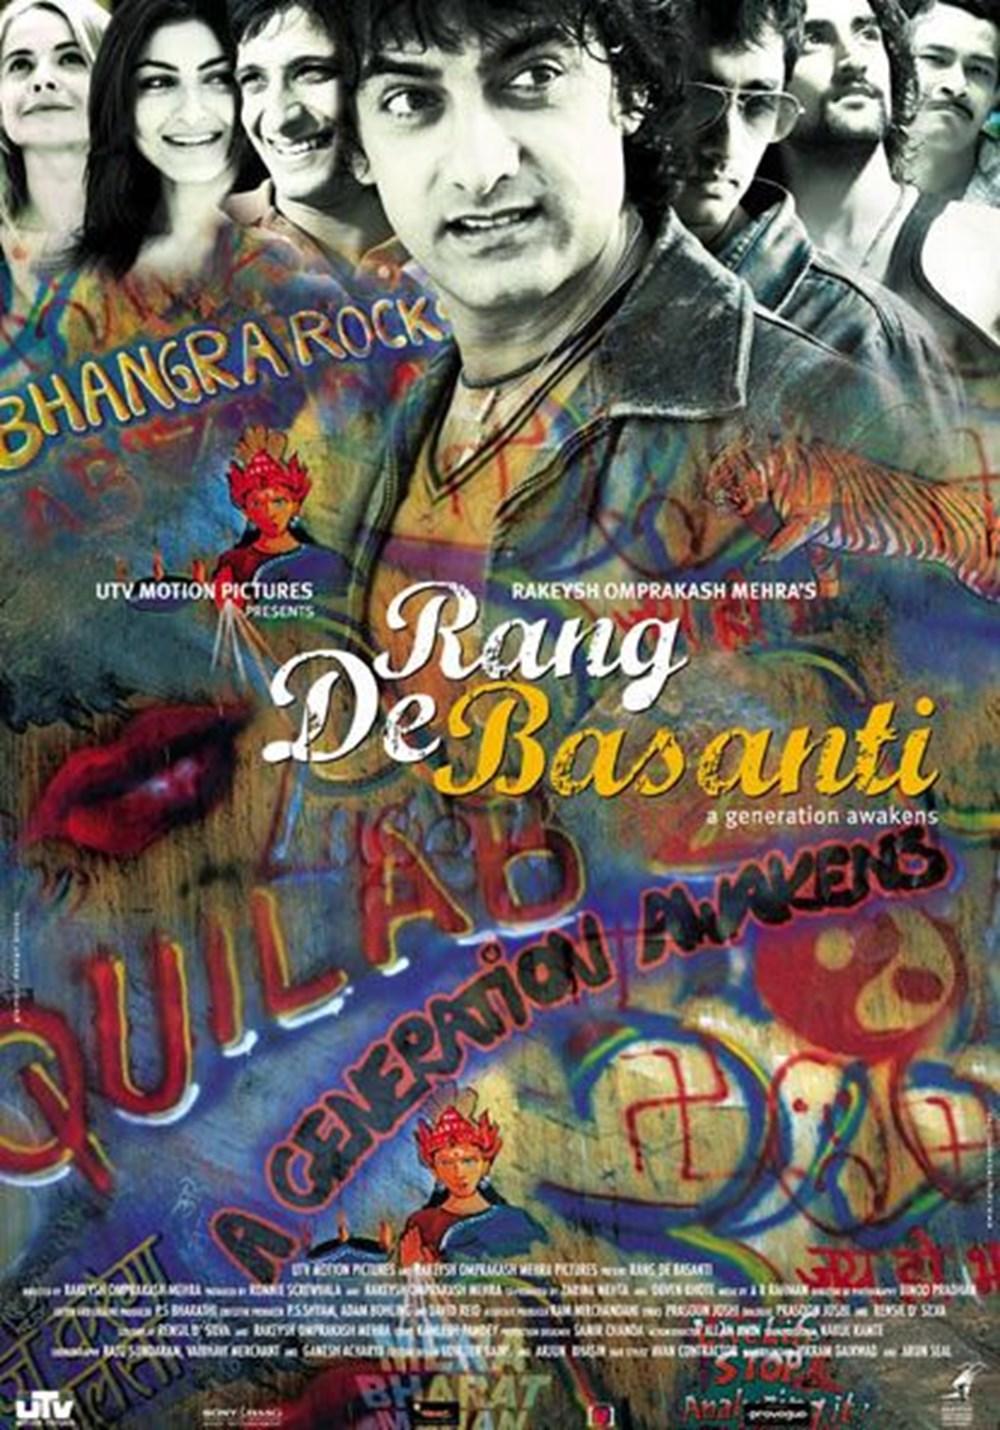 En iyi Aamir Khan filmleri (Aamir Khan'ın izlenmesi gereken filmleri) - 26